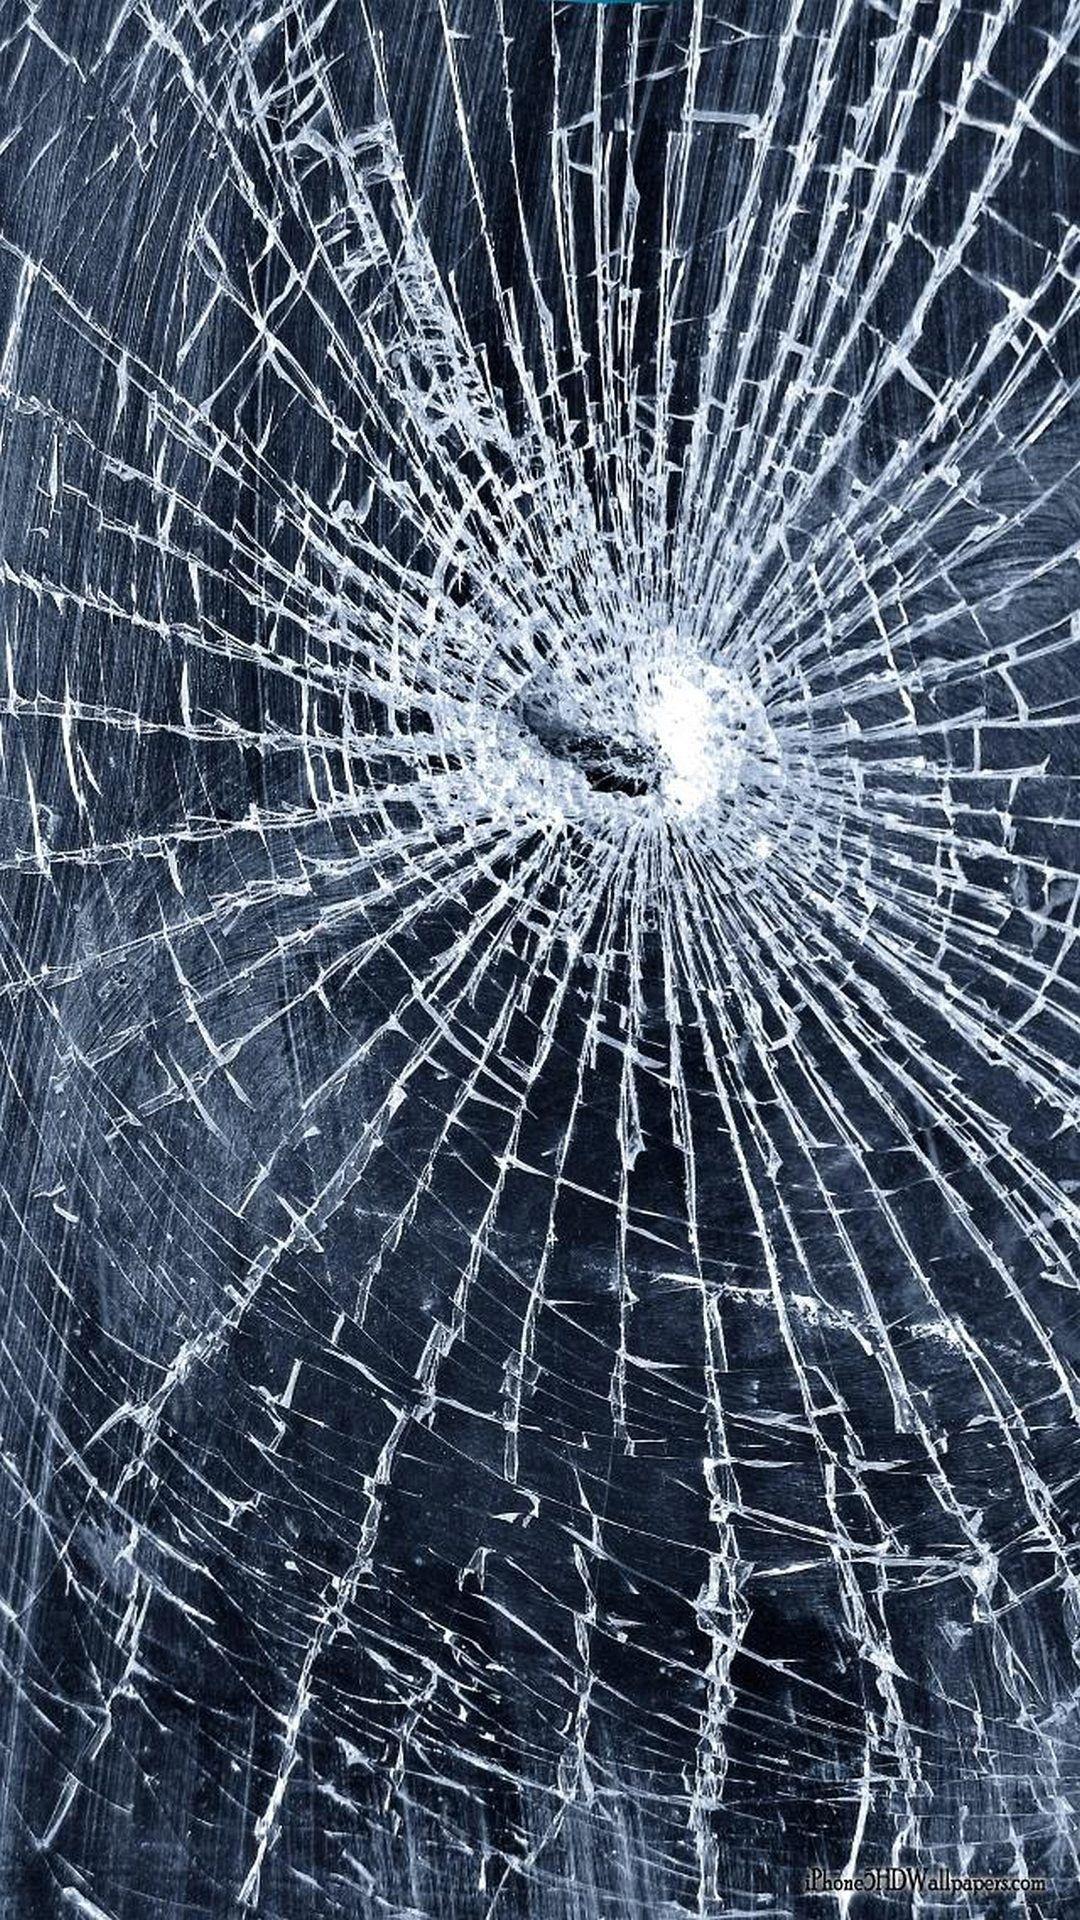 Iphone X Cracked Broken Screen Wallpaper Broken Glass Wallpaper